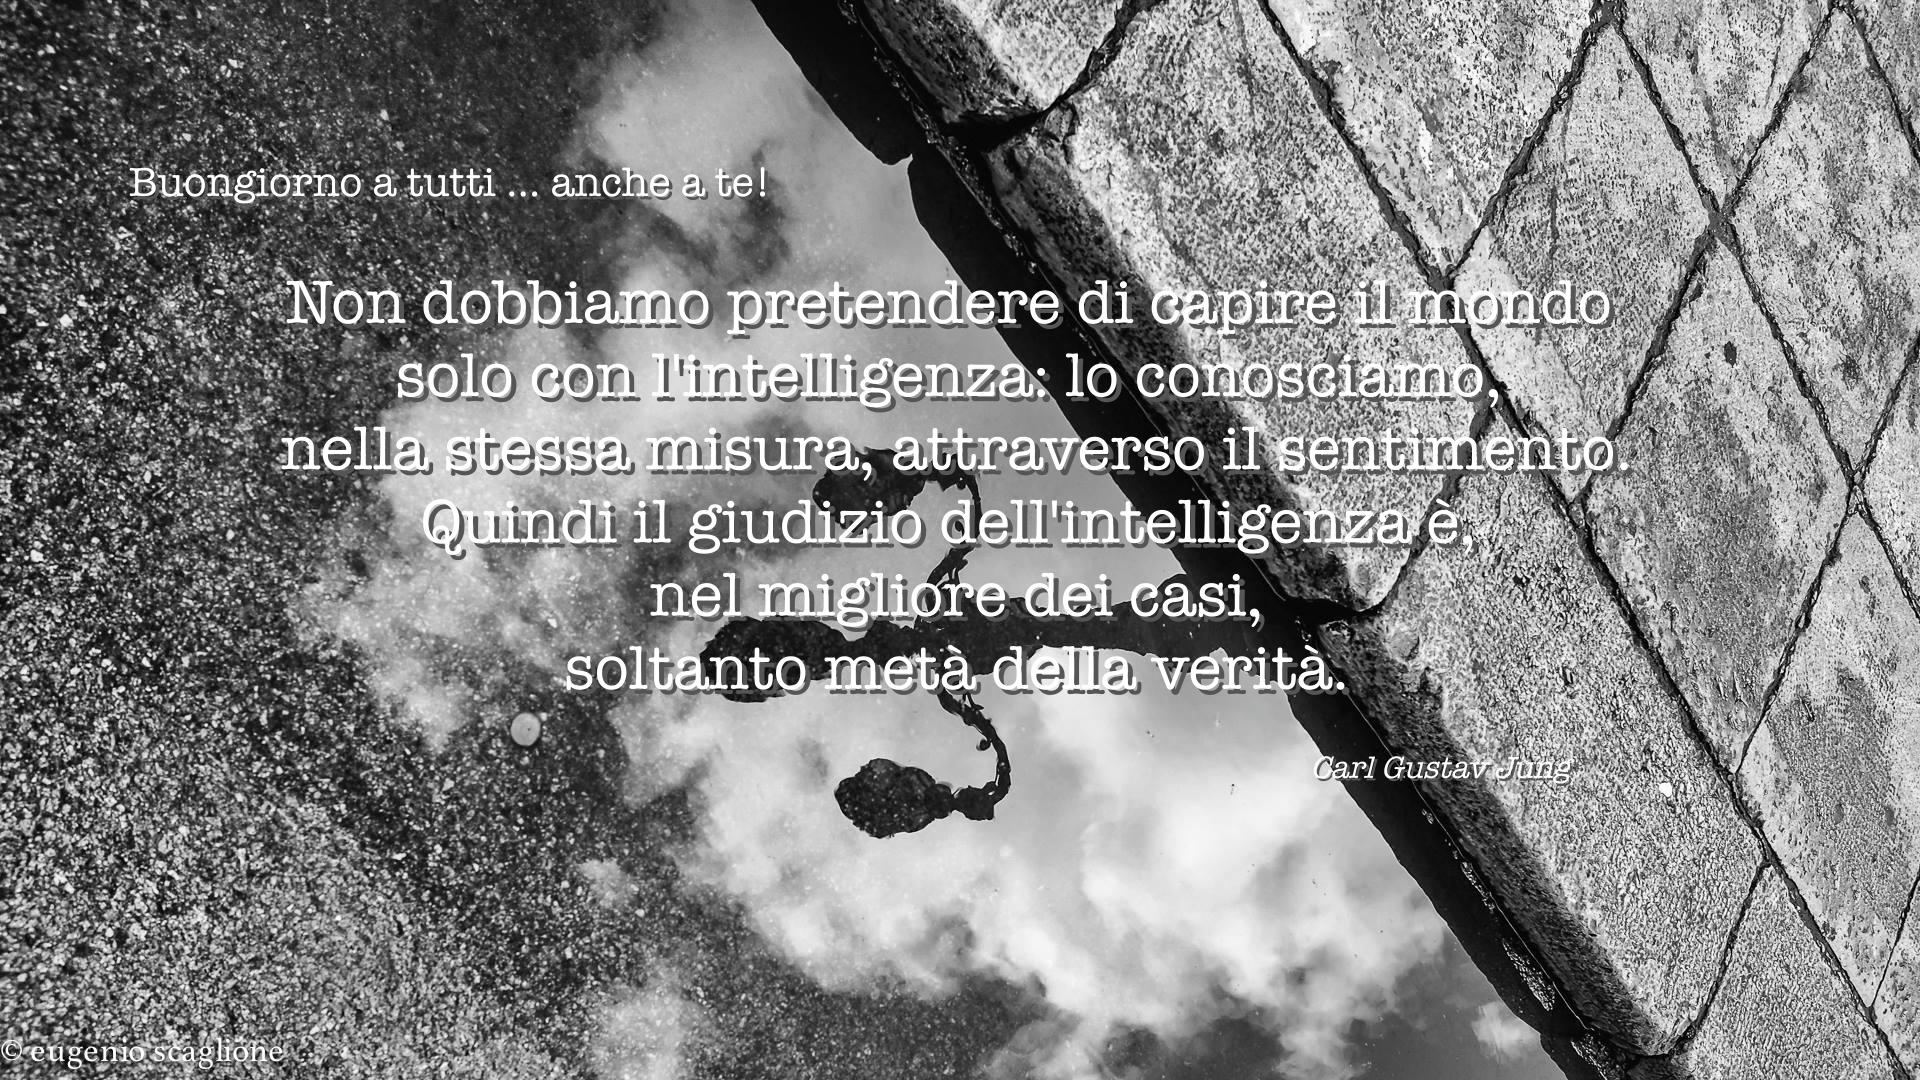 2016 01 09 buongiorno